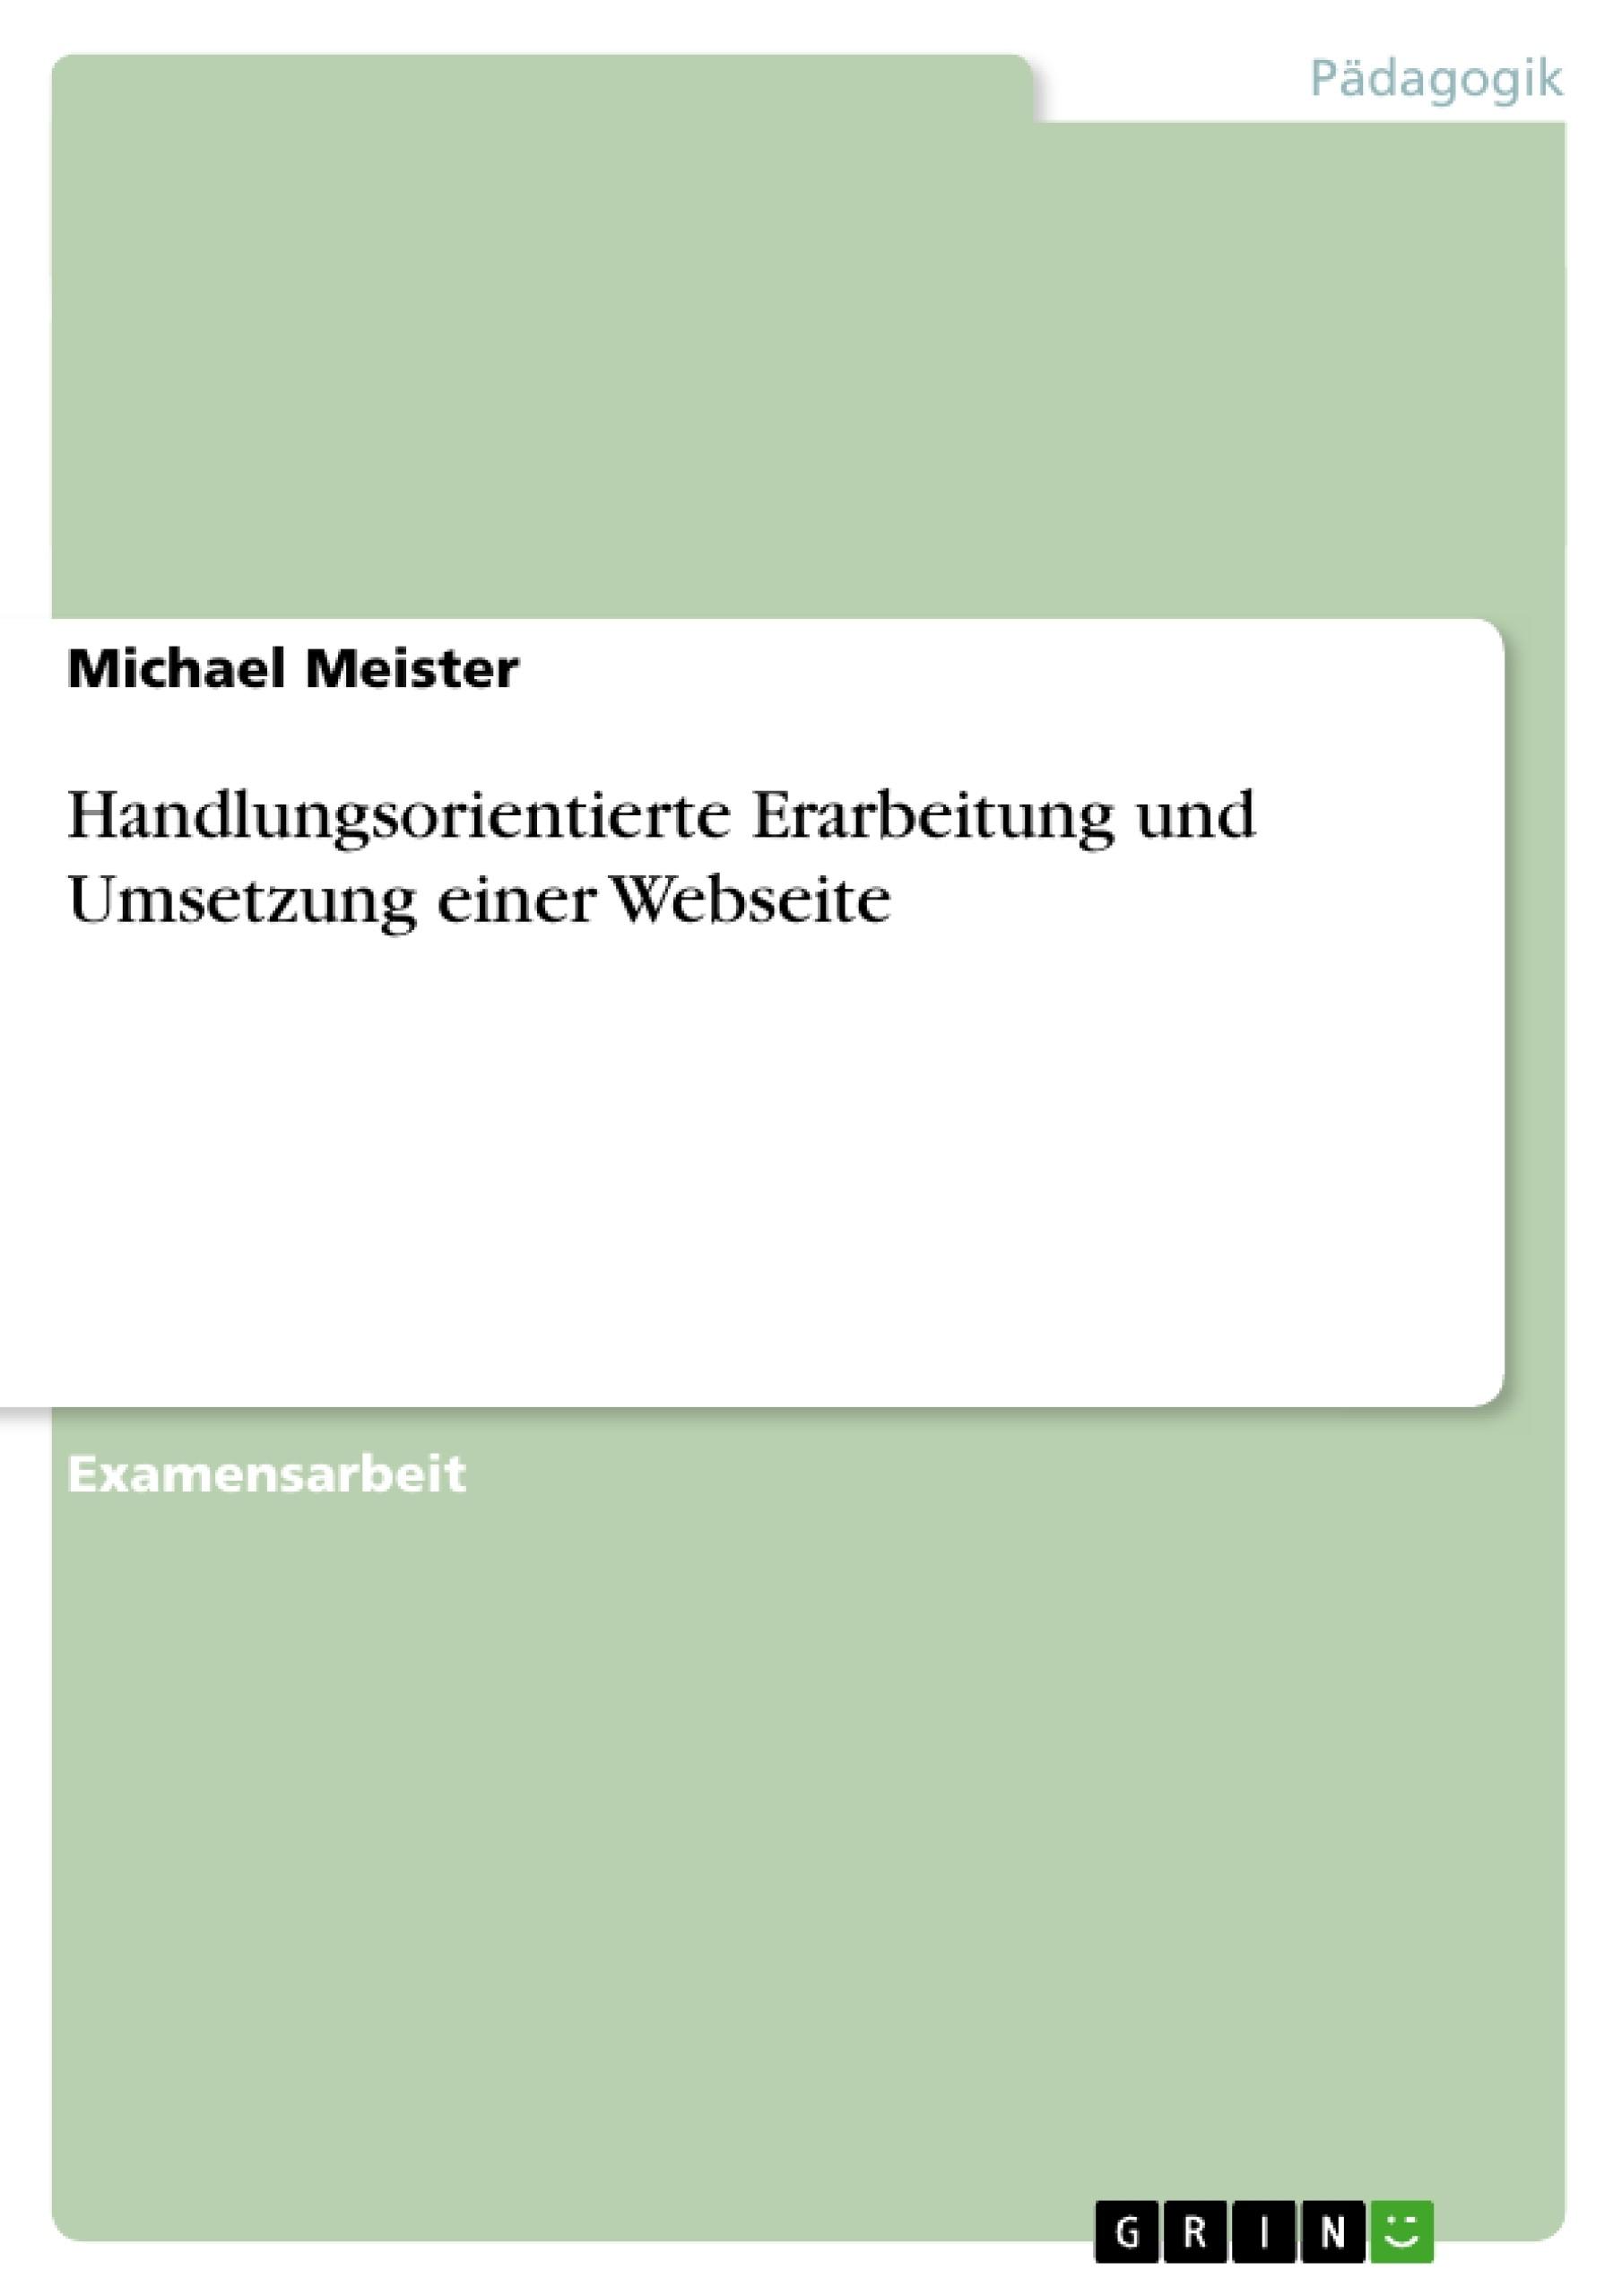 Titel: Handlungsorientierte Erarbeitung und Umsetzung einer Webseite